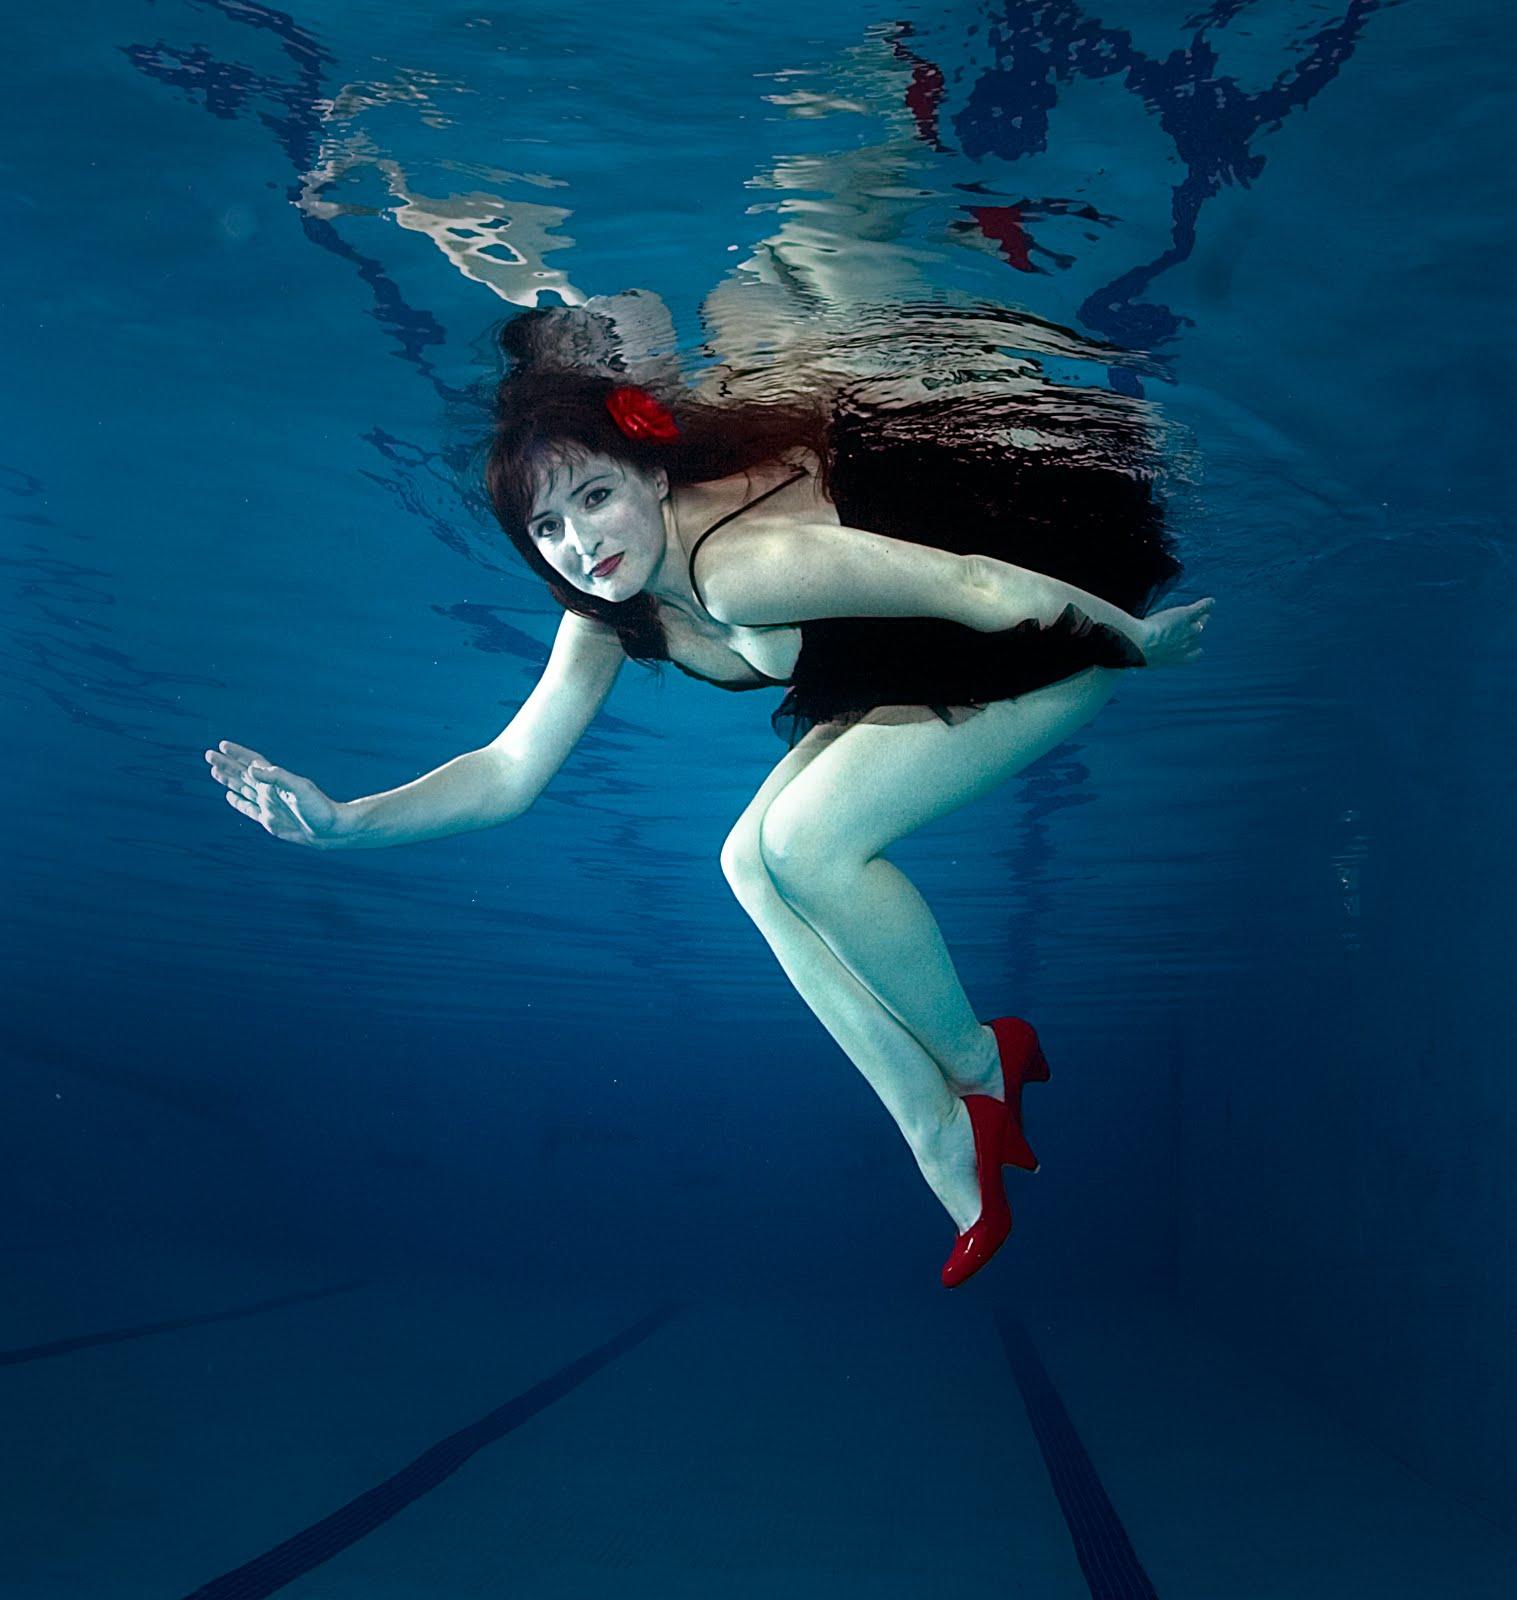 Fotografia for Imagenes de hoteles bajo el agua